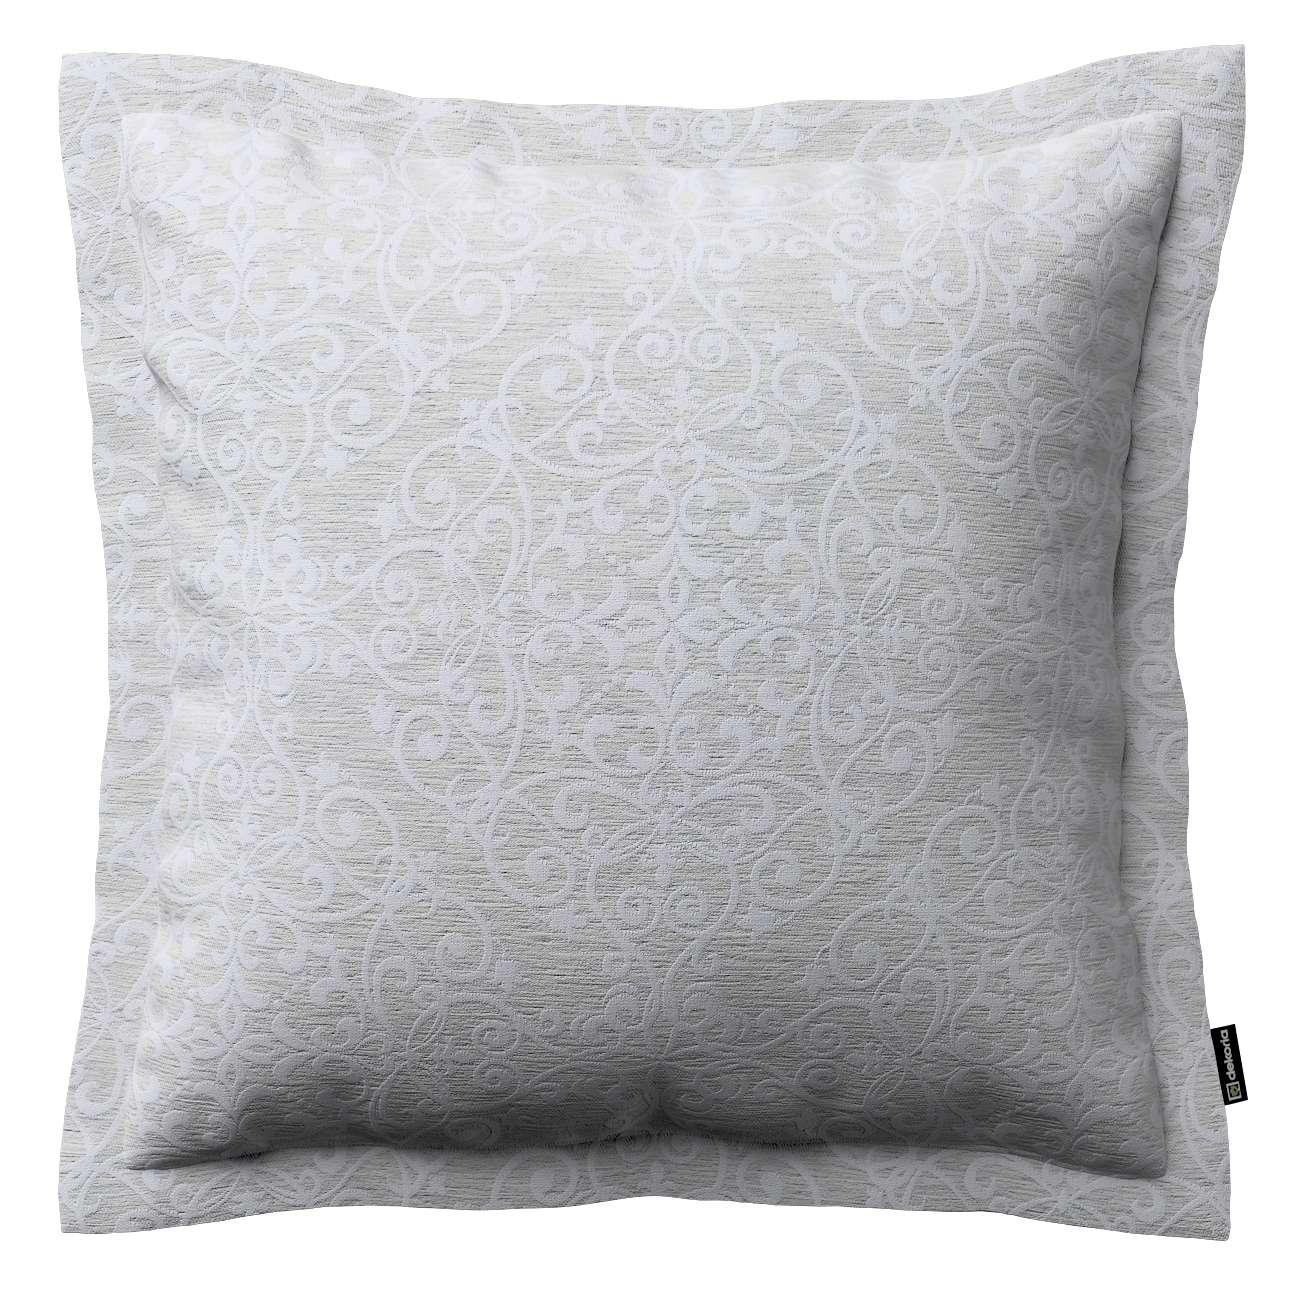 Mona dekoratyvinių pagalvėlių užvalkalas su sienele 38 x 38 cm kolekcijoje Venice, audinys: 140-49